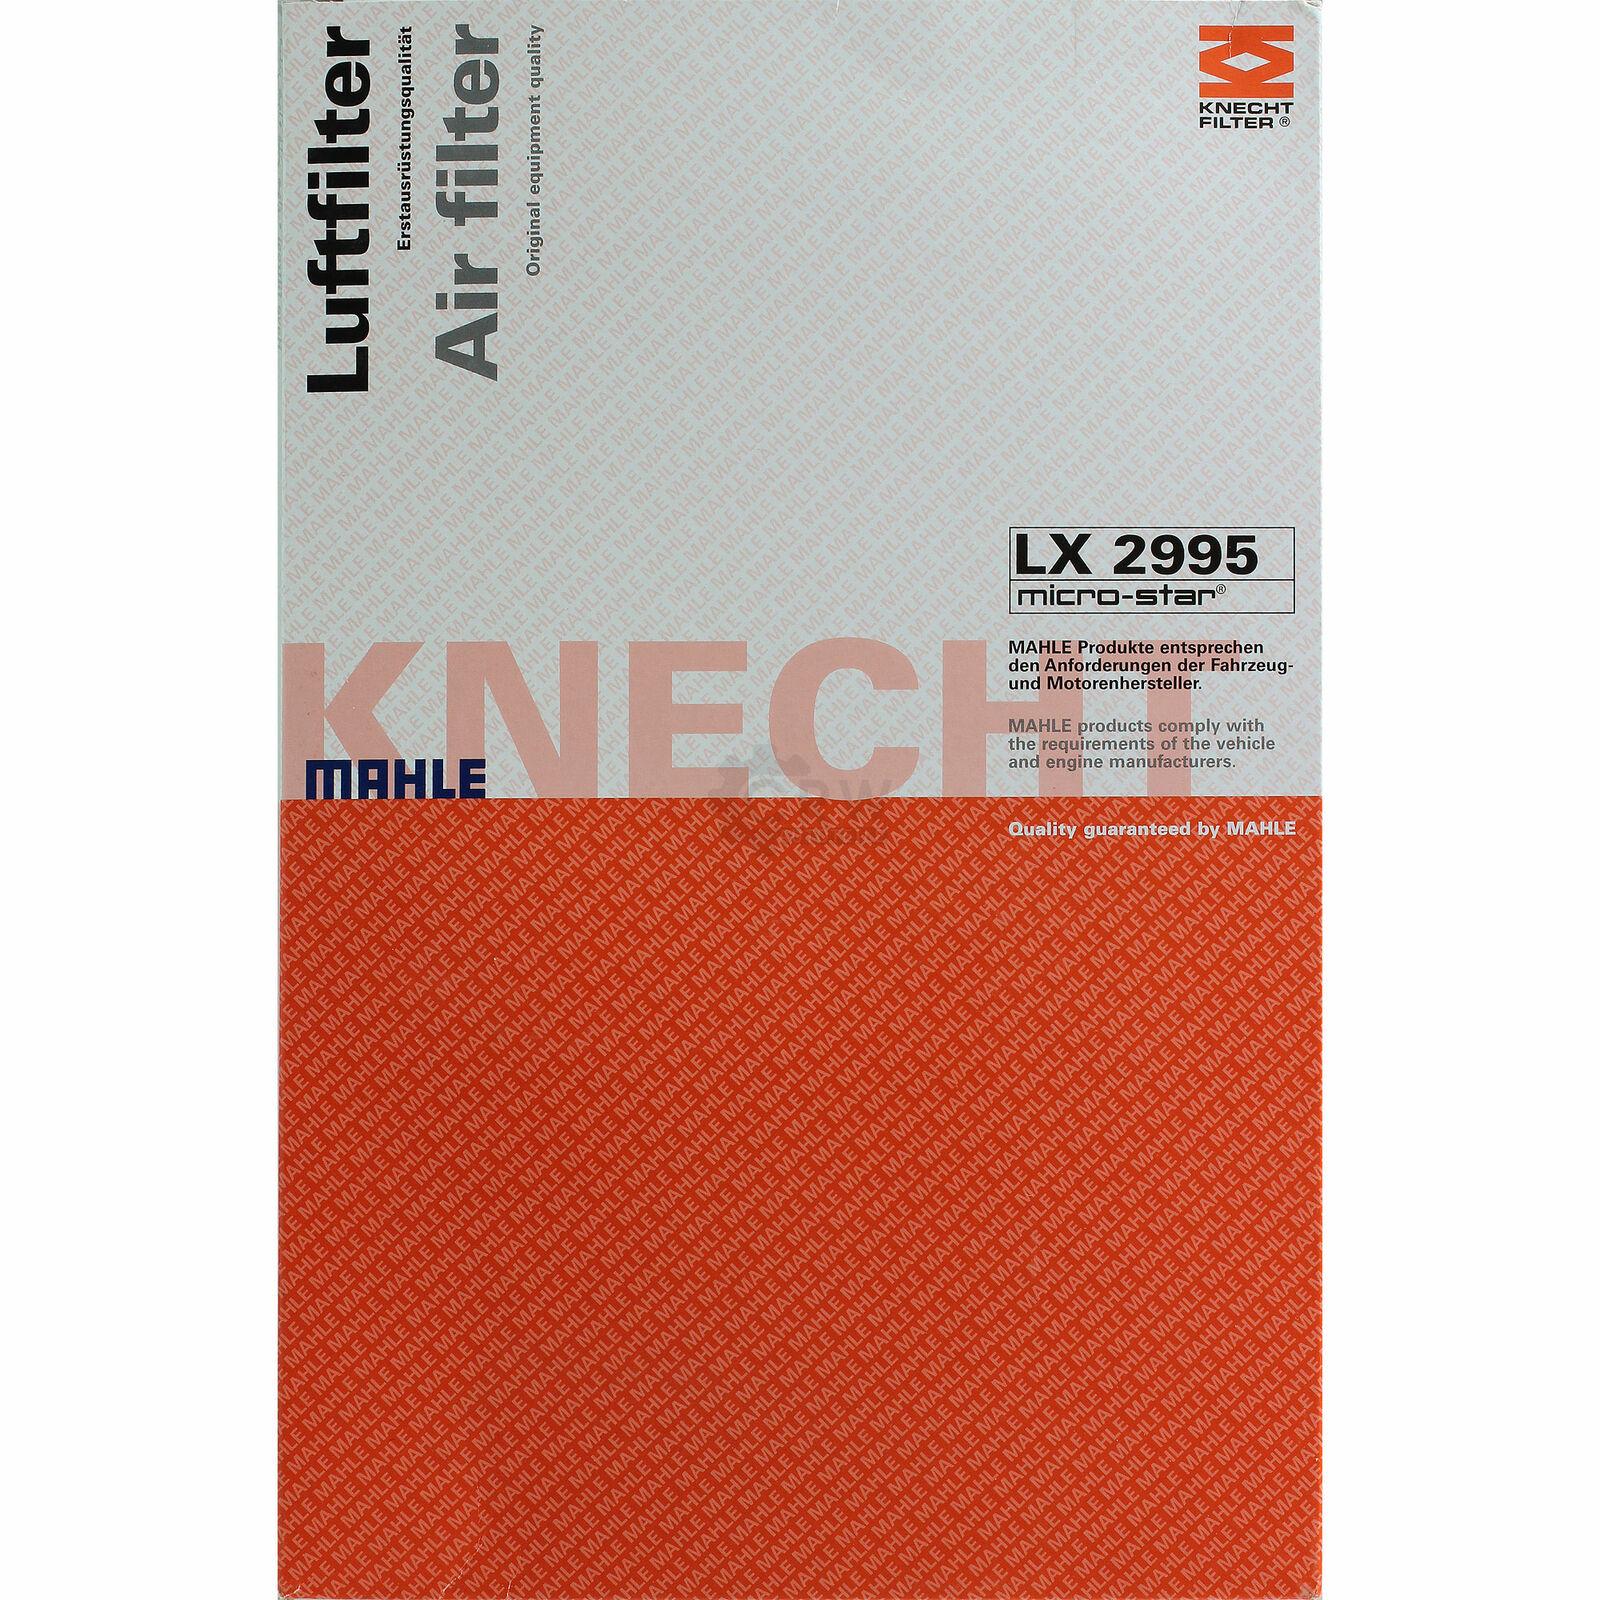 Filtro de aire mahle Knecht LX 3987